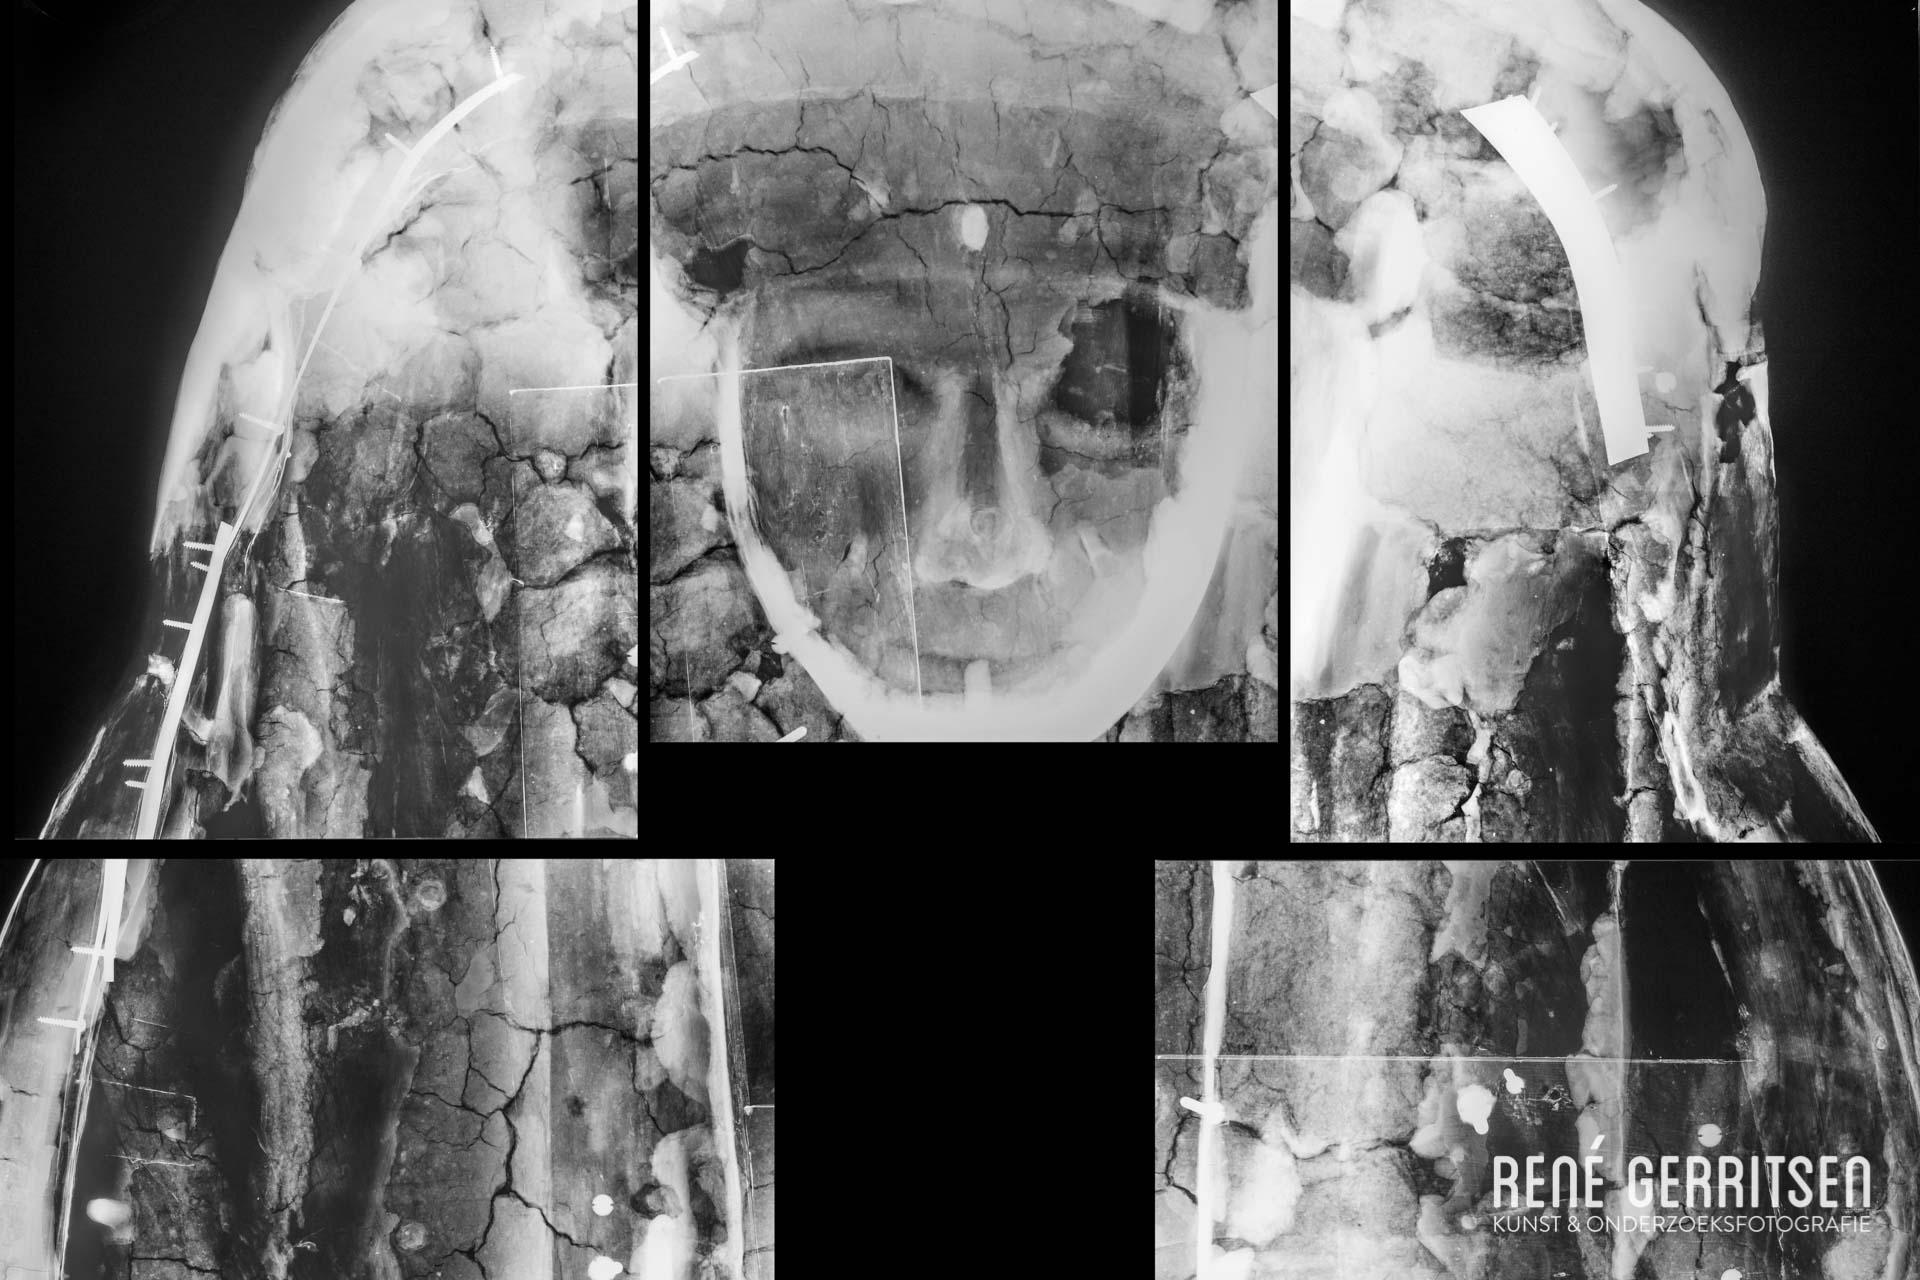 Mummiekist